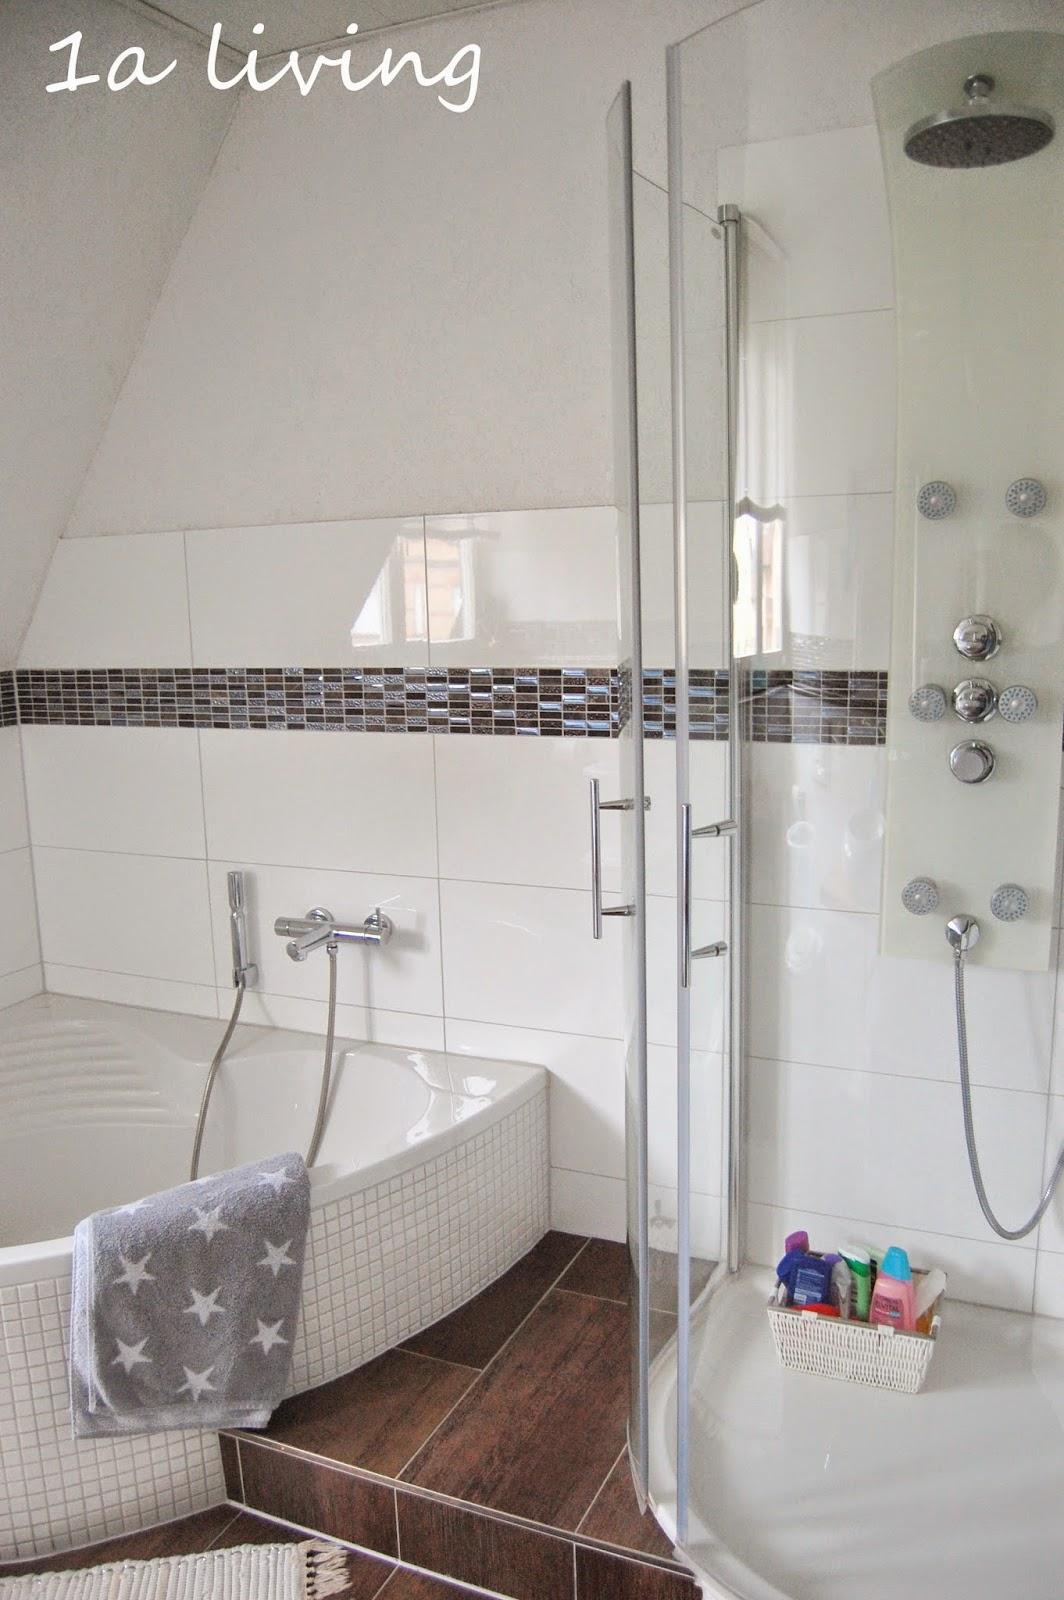 1a living: Die andere Seite vom Bad & ein Blick ins Gäste WC